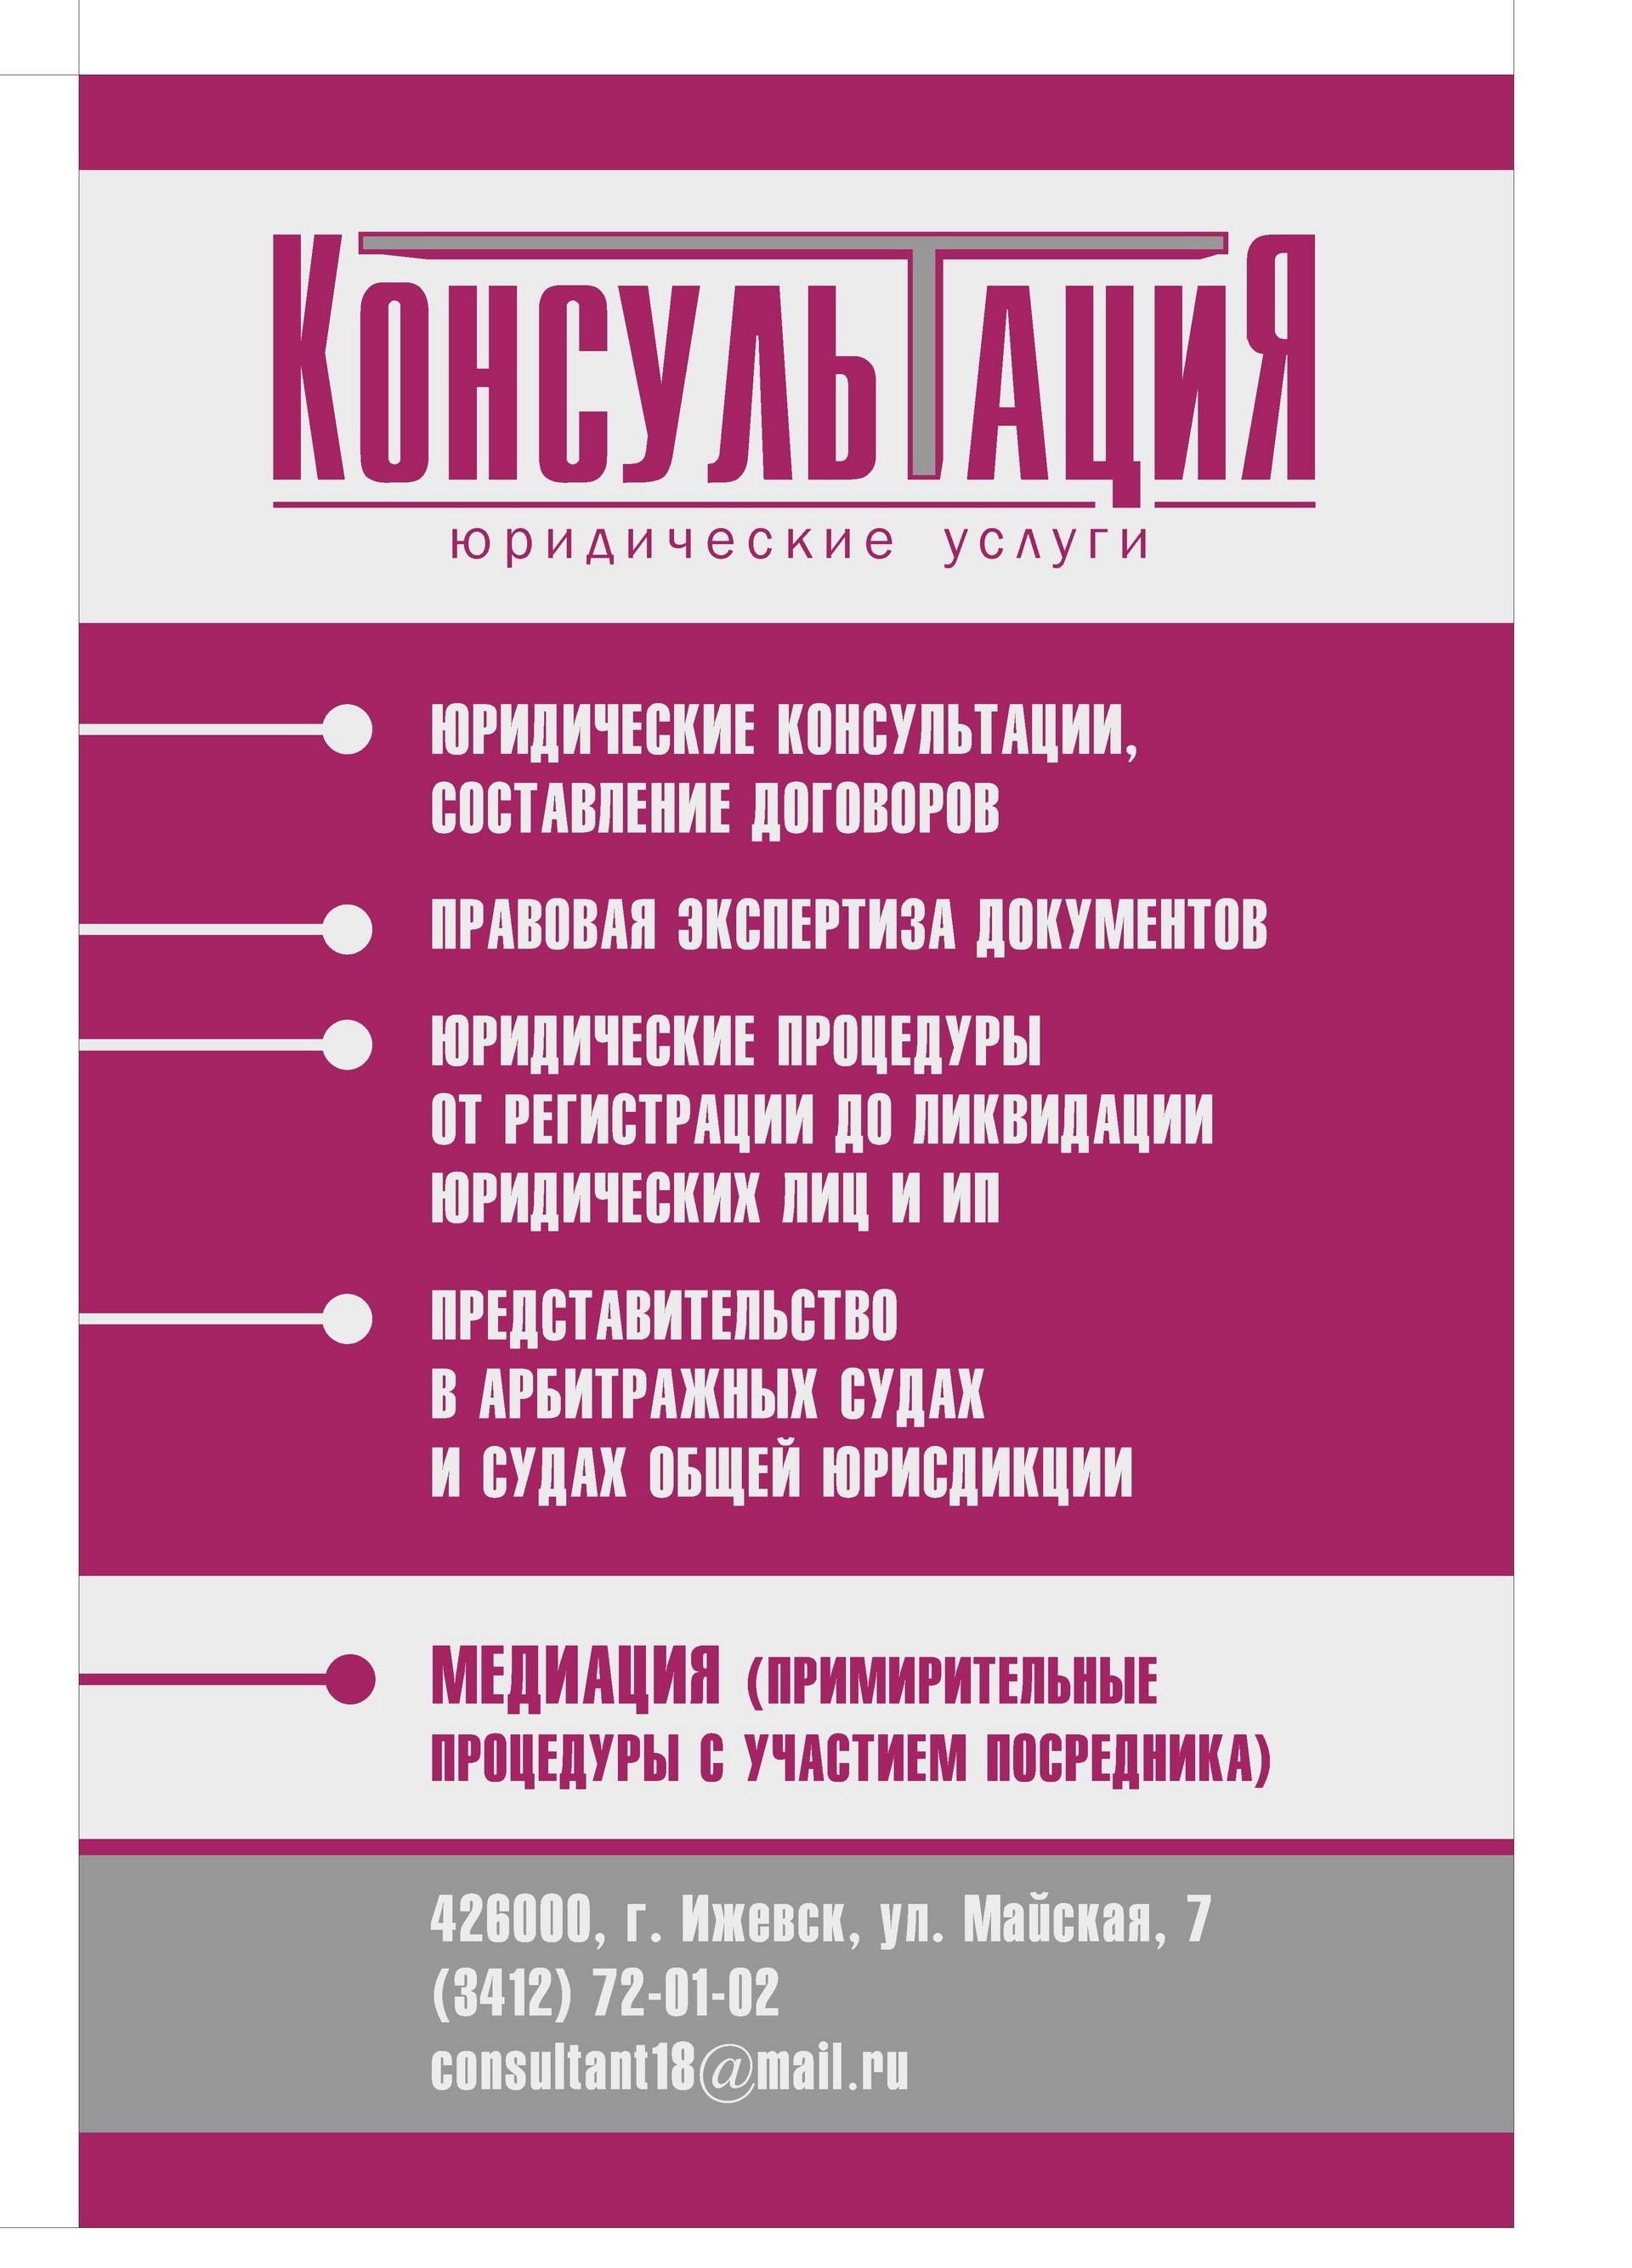 приказ о смене юридического адреса организации образец